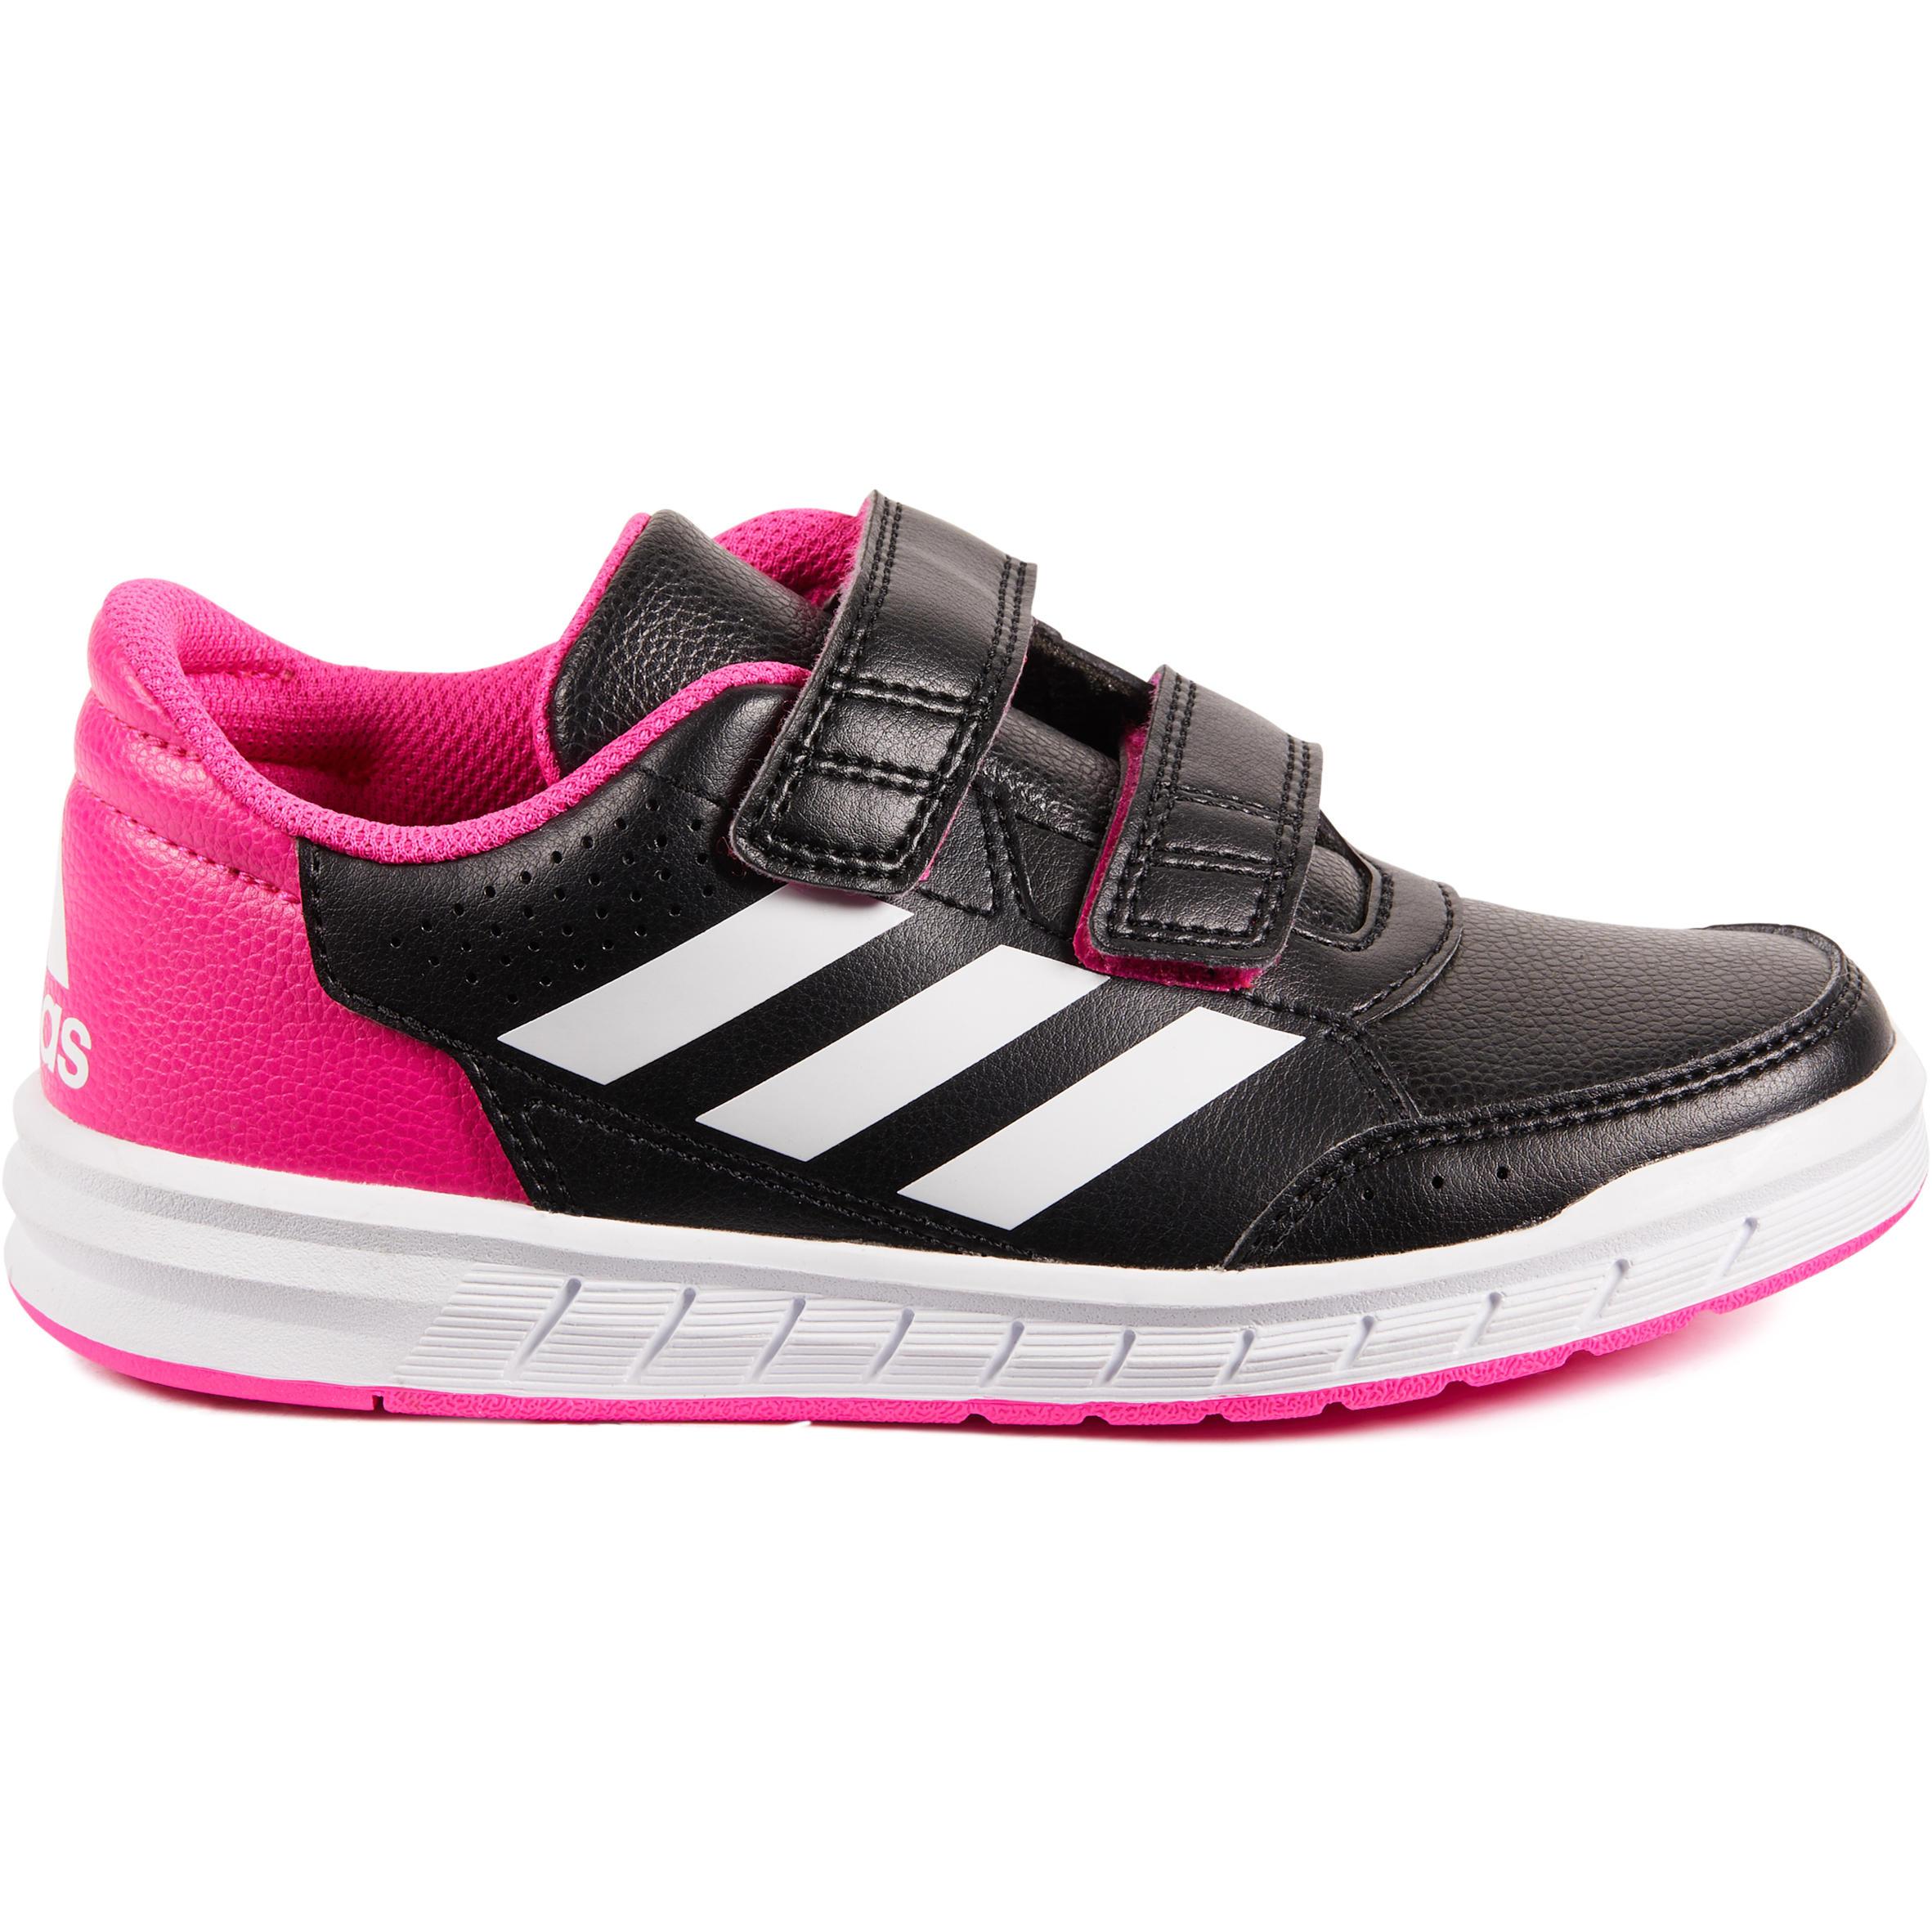 71ff8e800f8 Comprar Zapatillas de tenis niños Y niñas online